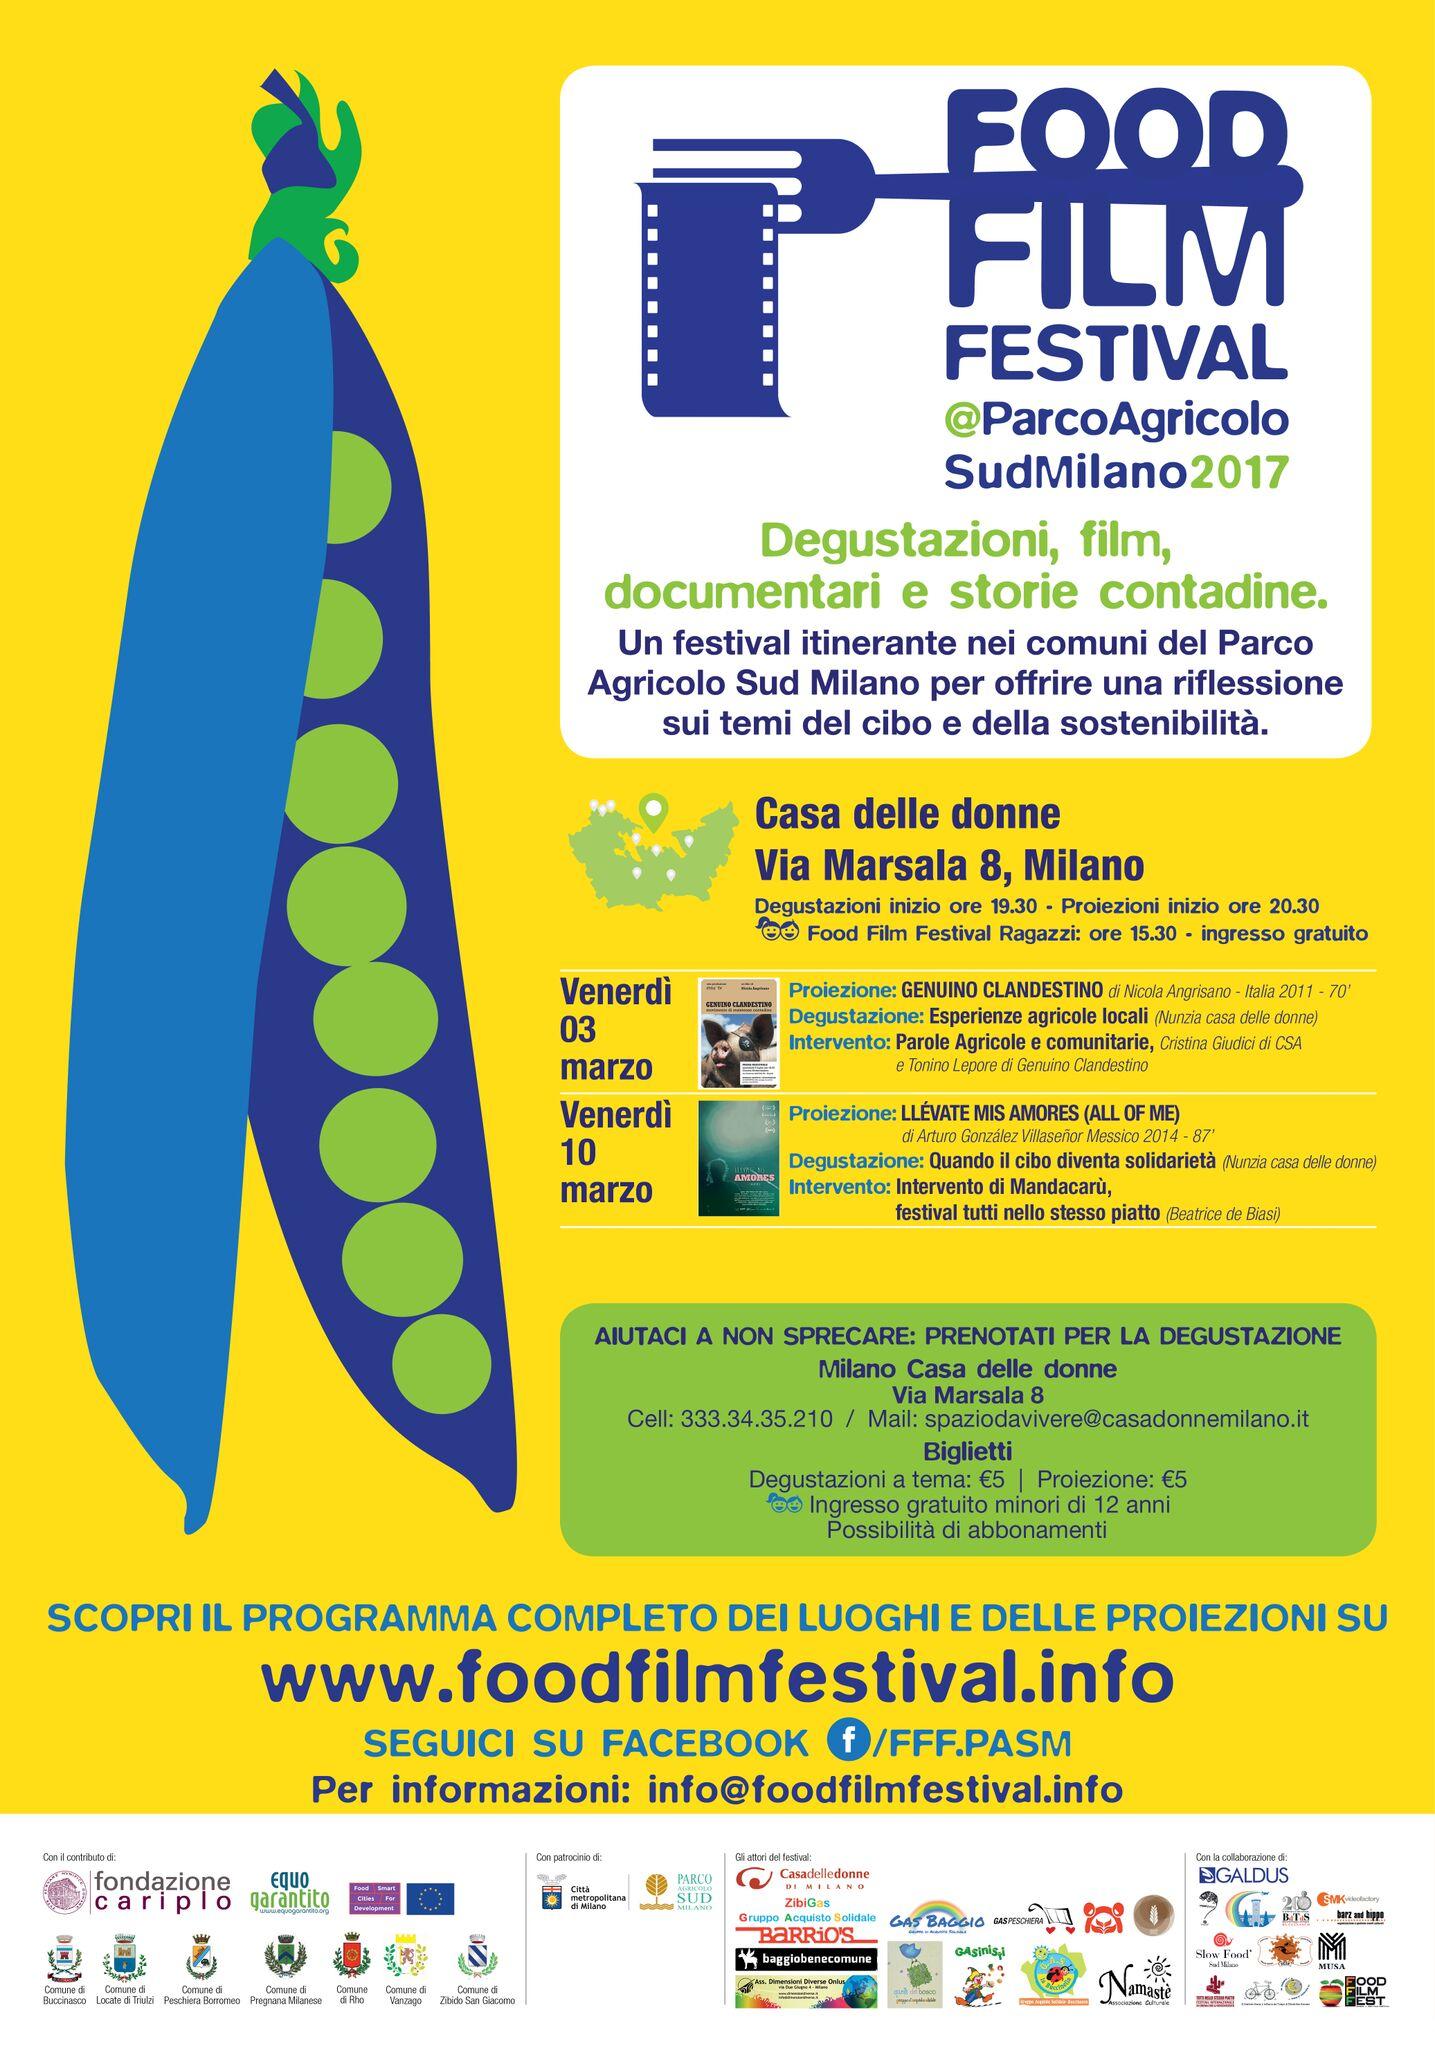 Food Film Festival: ci siamo anche noi!